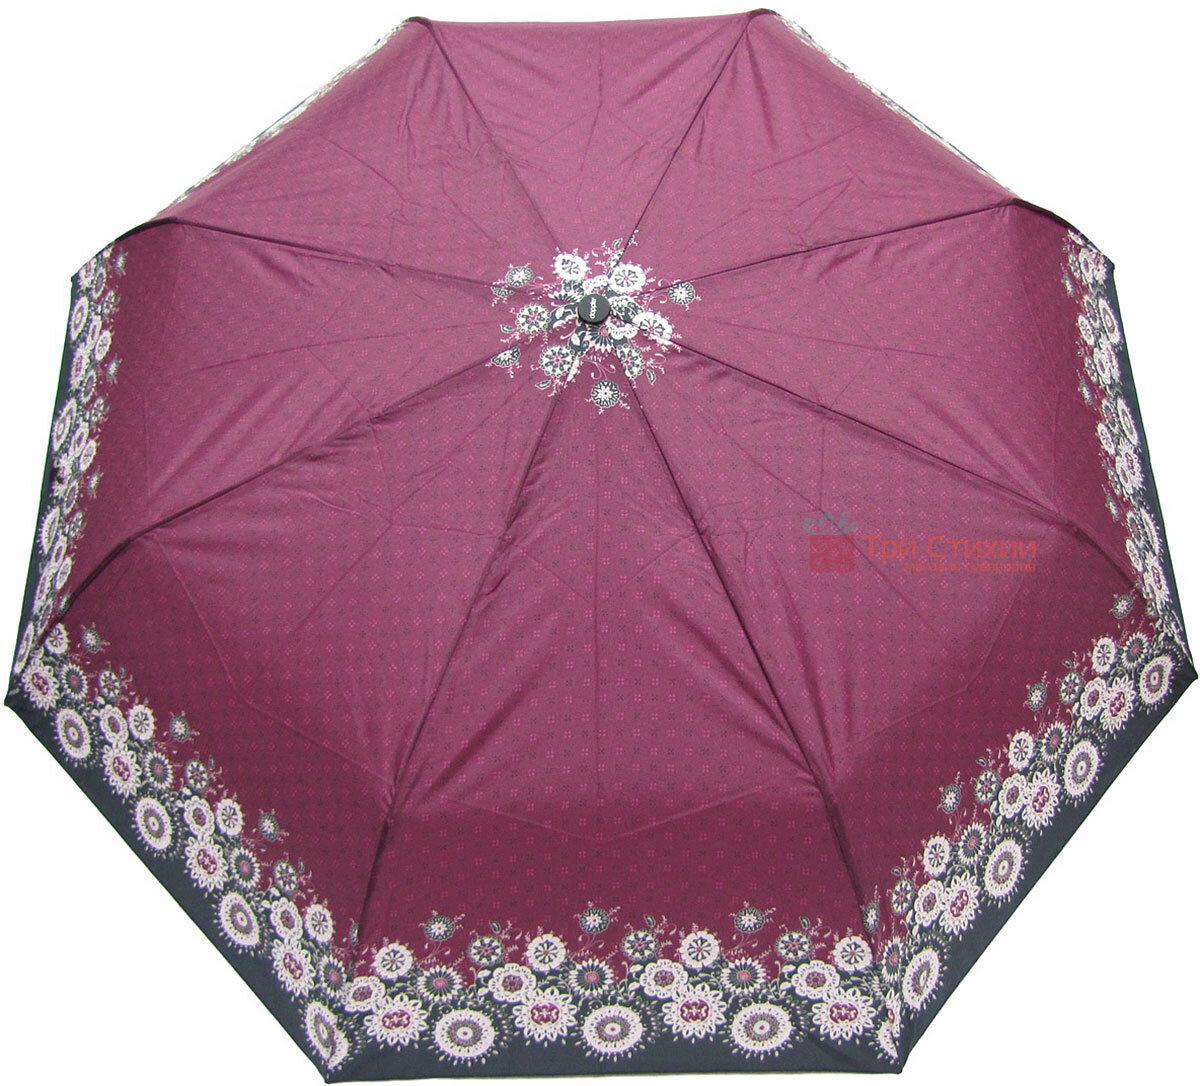 Зонт складной Doppler 7301653003-2 полуавтомат Бордовый Узор, фото 2